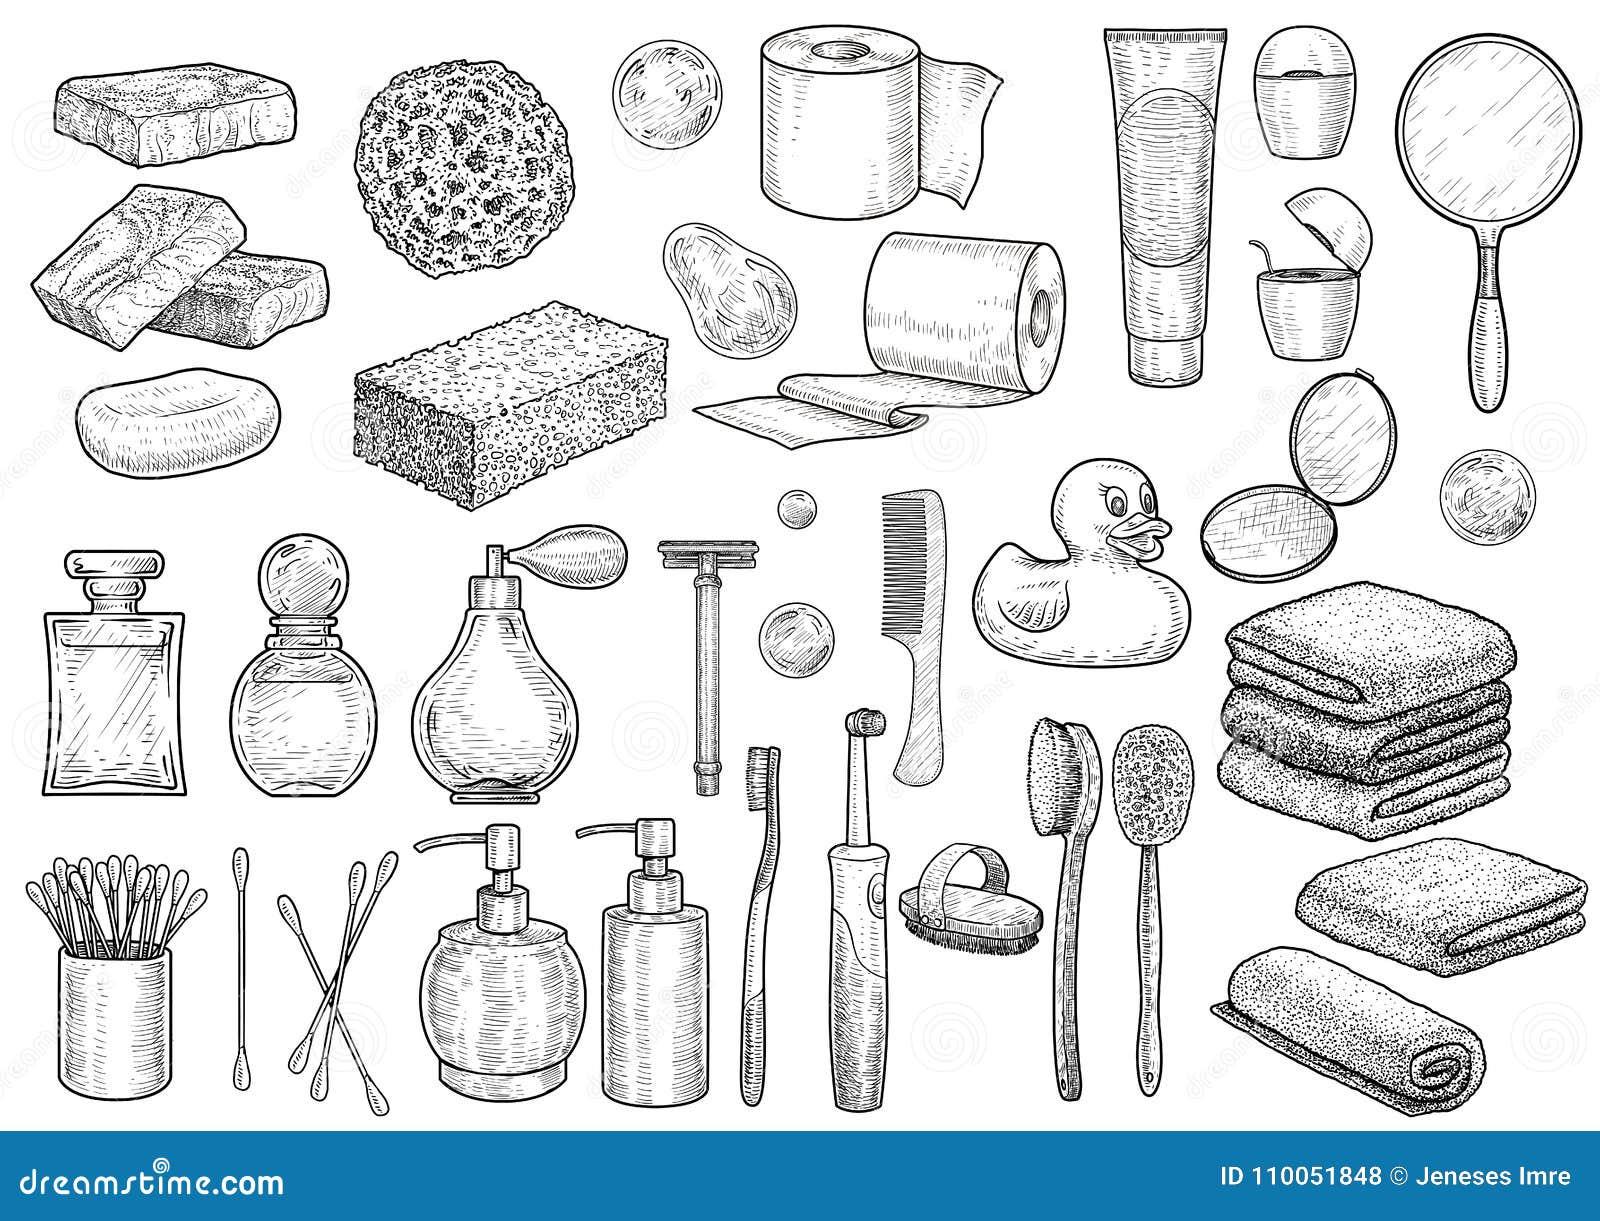 Иллюстрация собрания ванной комнаты, чертеж, гравировка, чернила, линия искусство, вектор